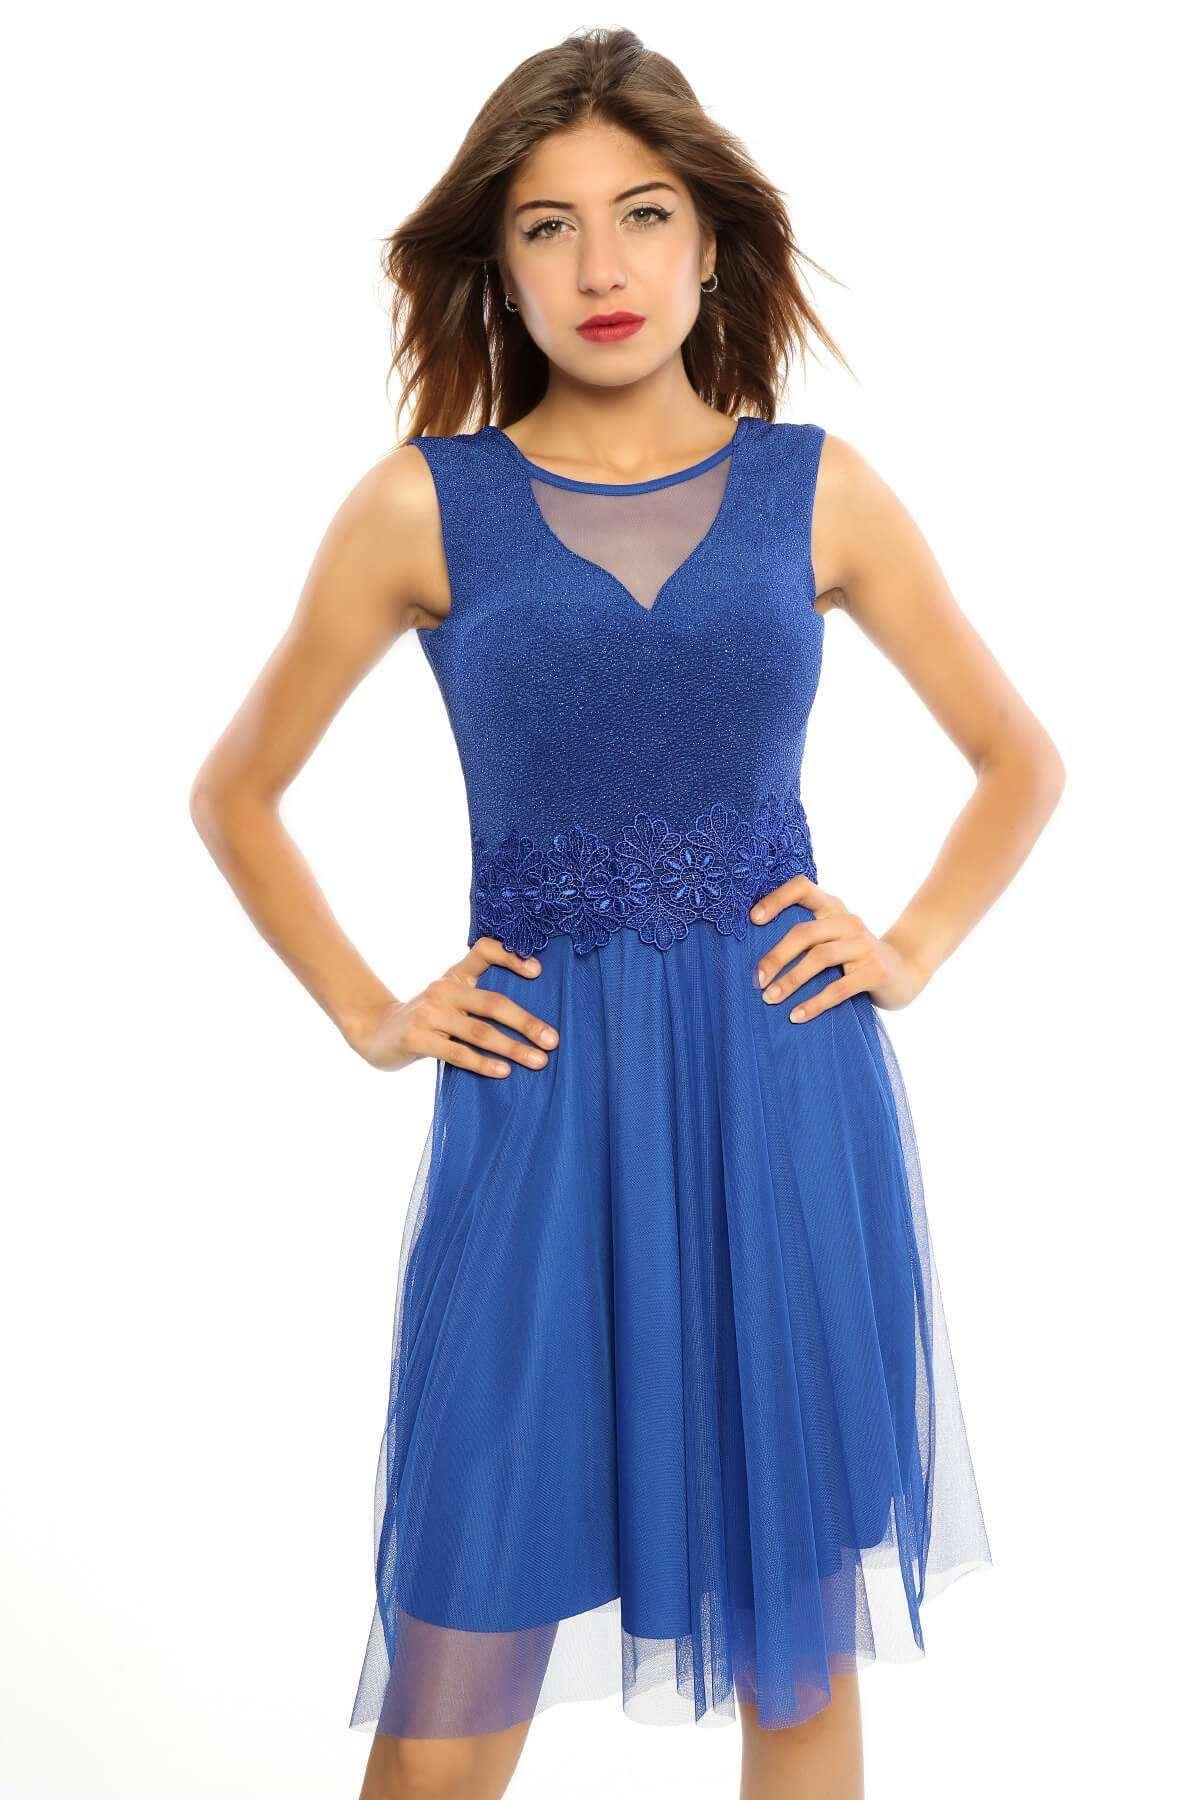 Simli Altı Tül Güpürlü Elbise Saks